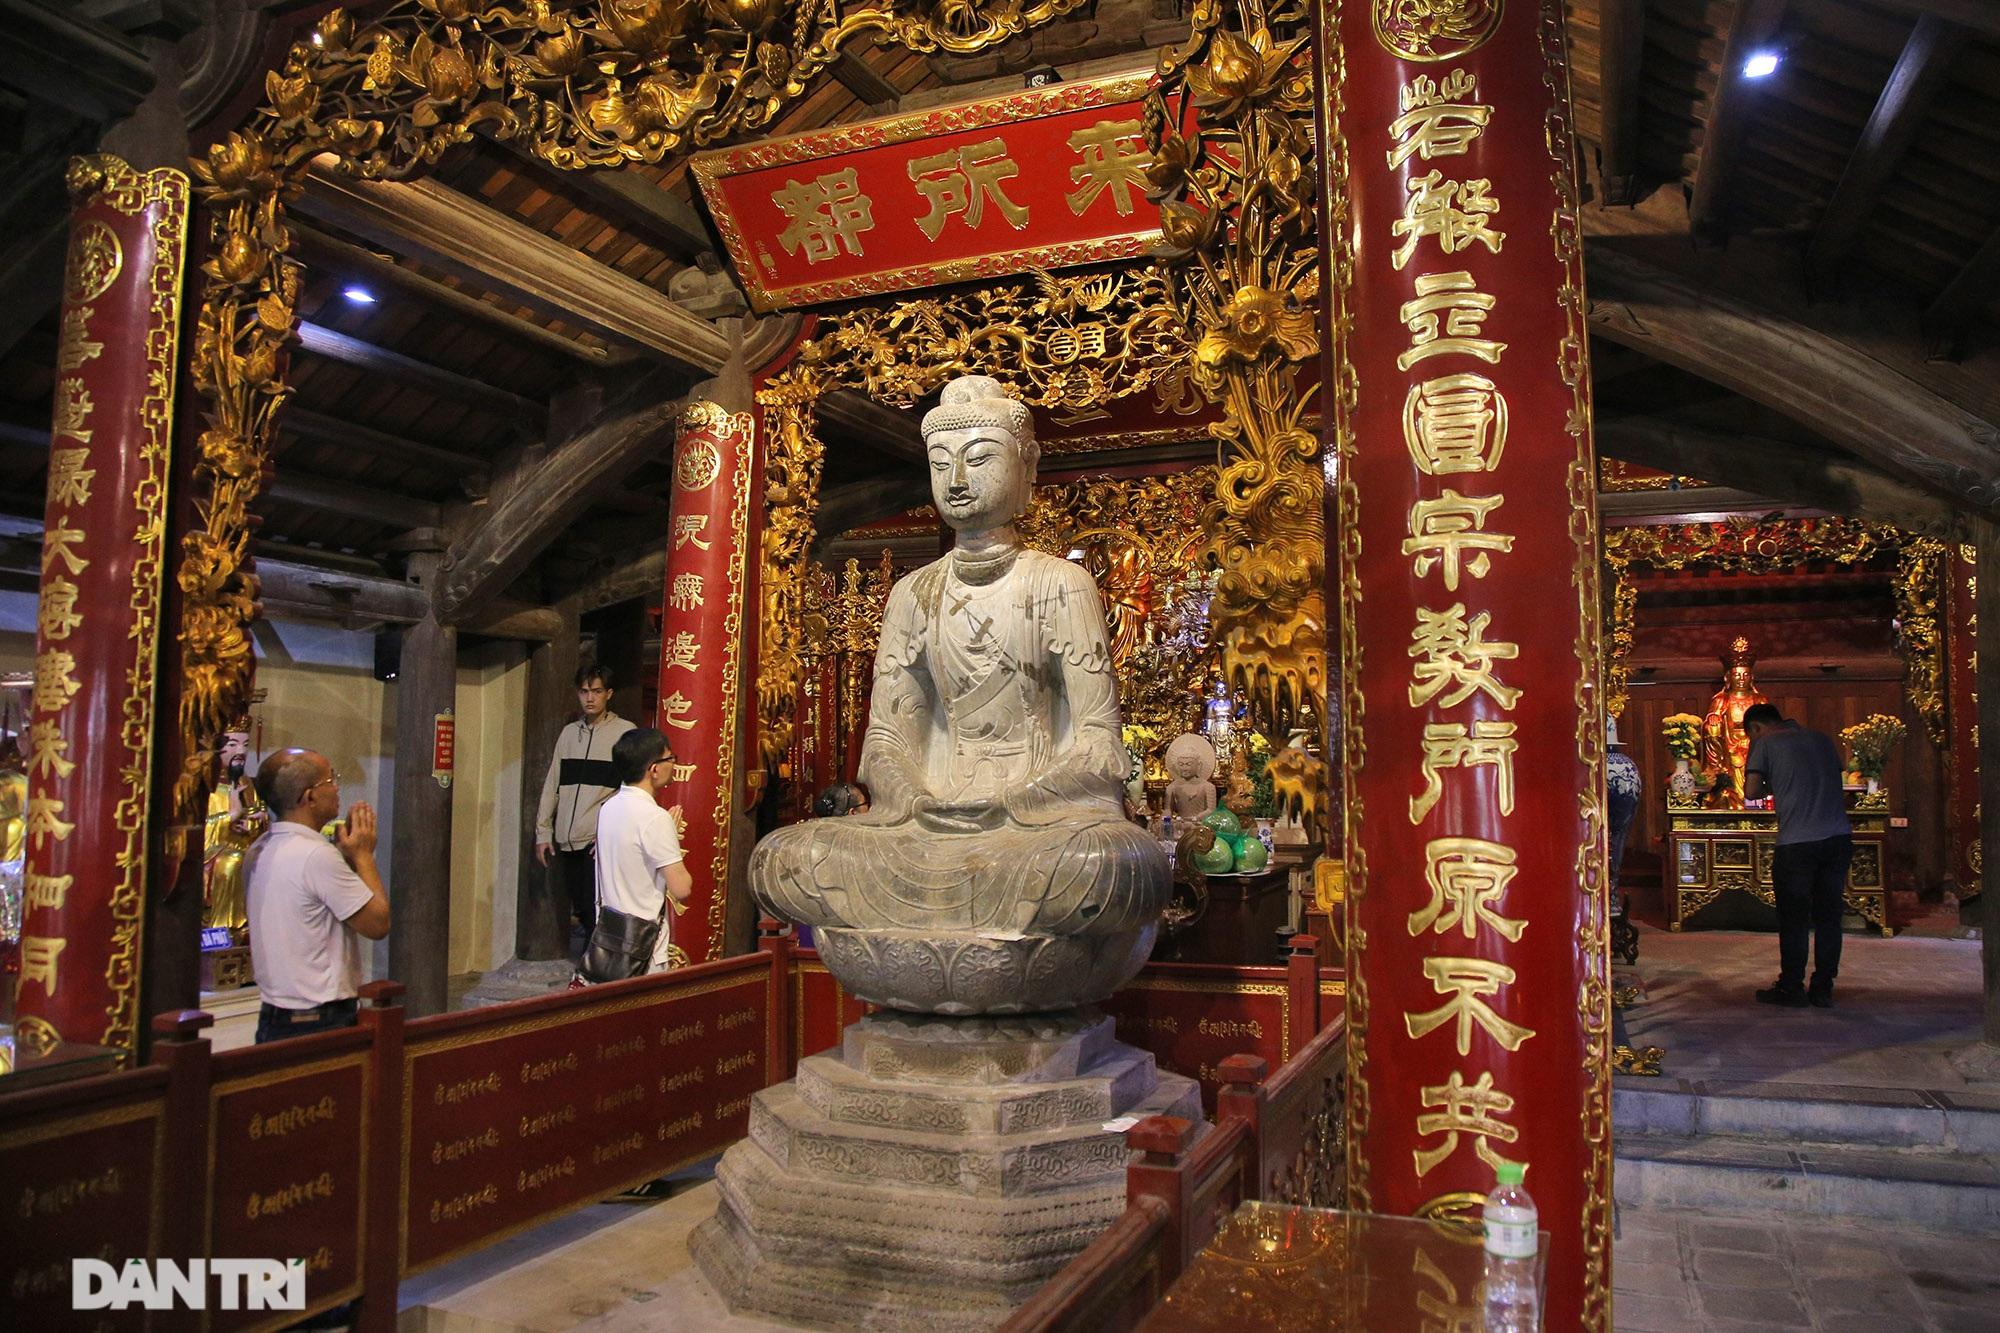 Kỳ lạ 10 linh thú đá nghìn năm tuổi canh gác chùa Phật Tích - 1